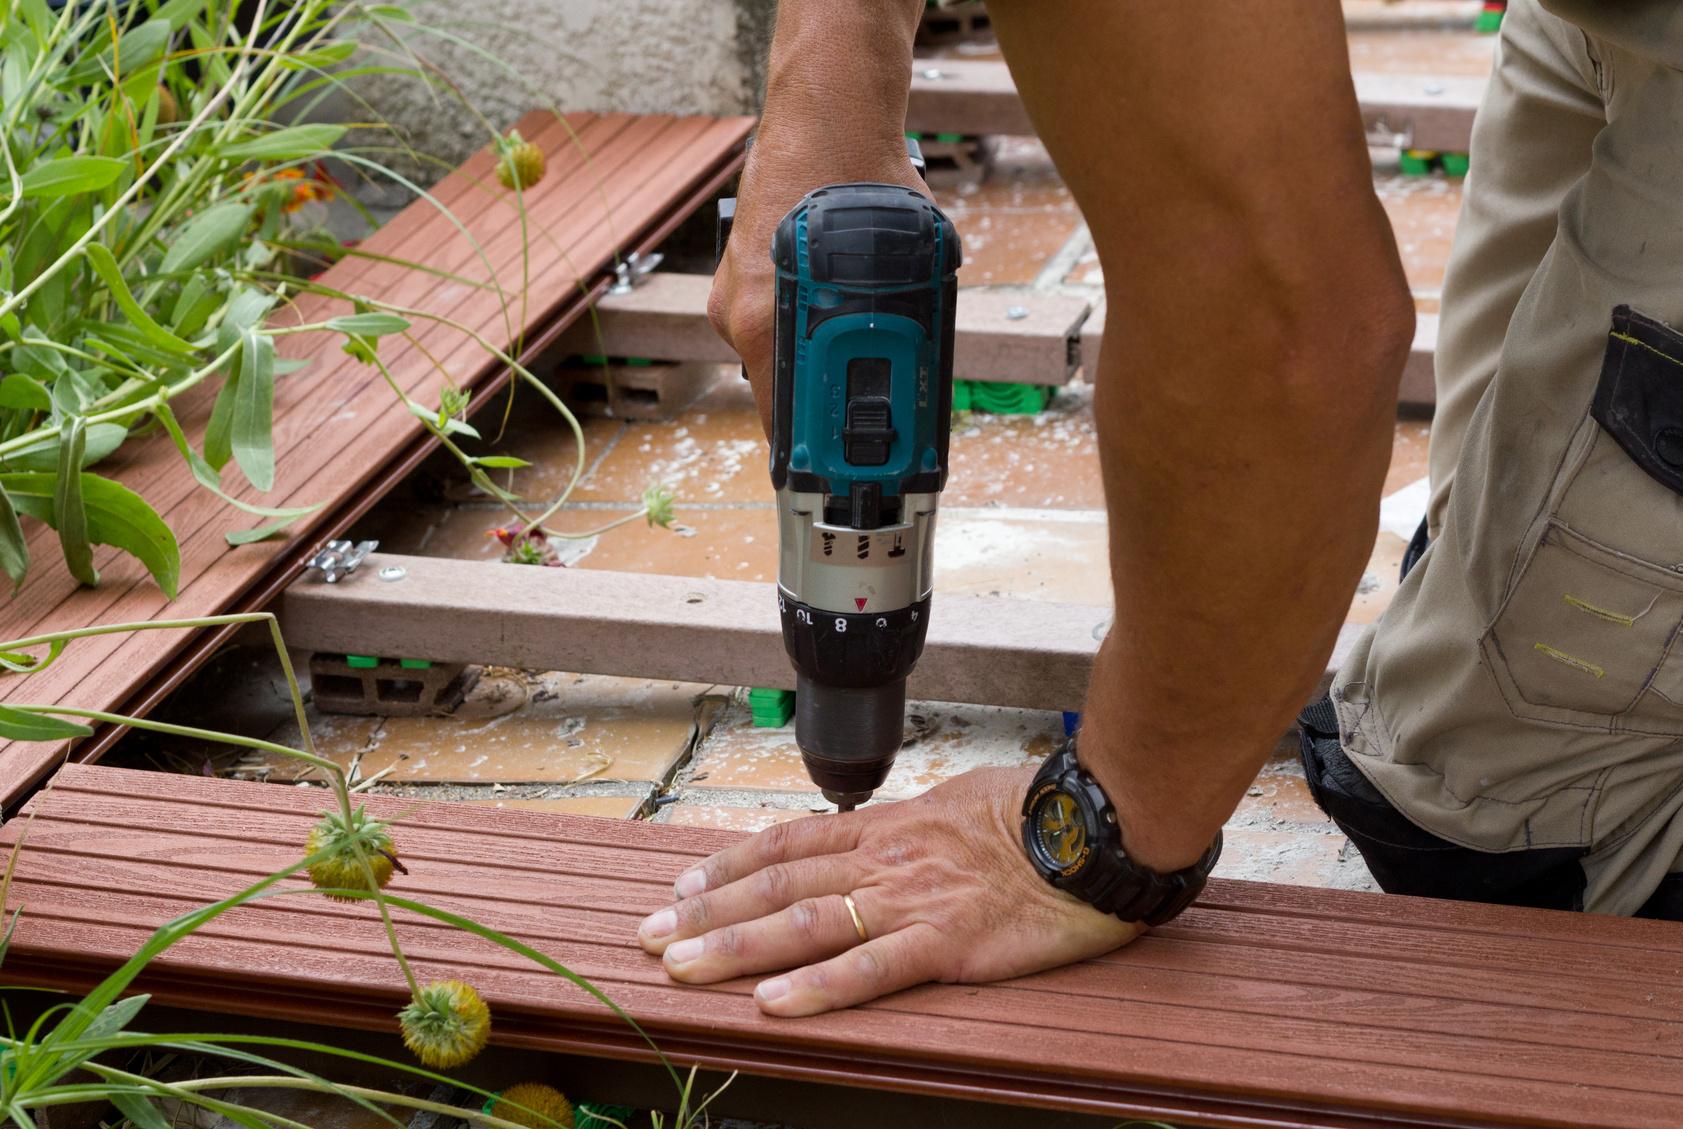 faire une terrasse les astuces et conseils pour faire une terrasse. Black Bedroom Furniture Sets. Home Design Ideas